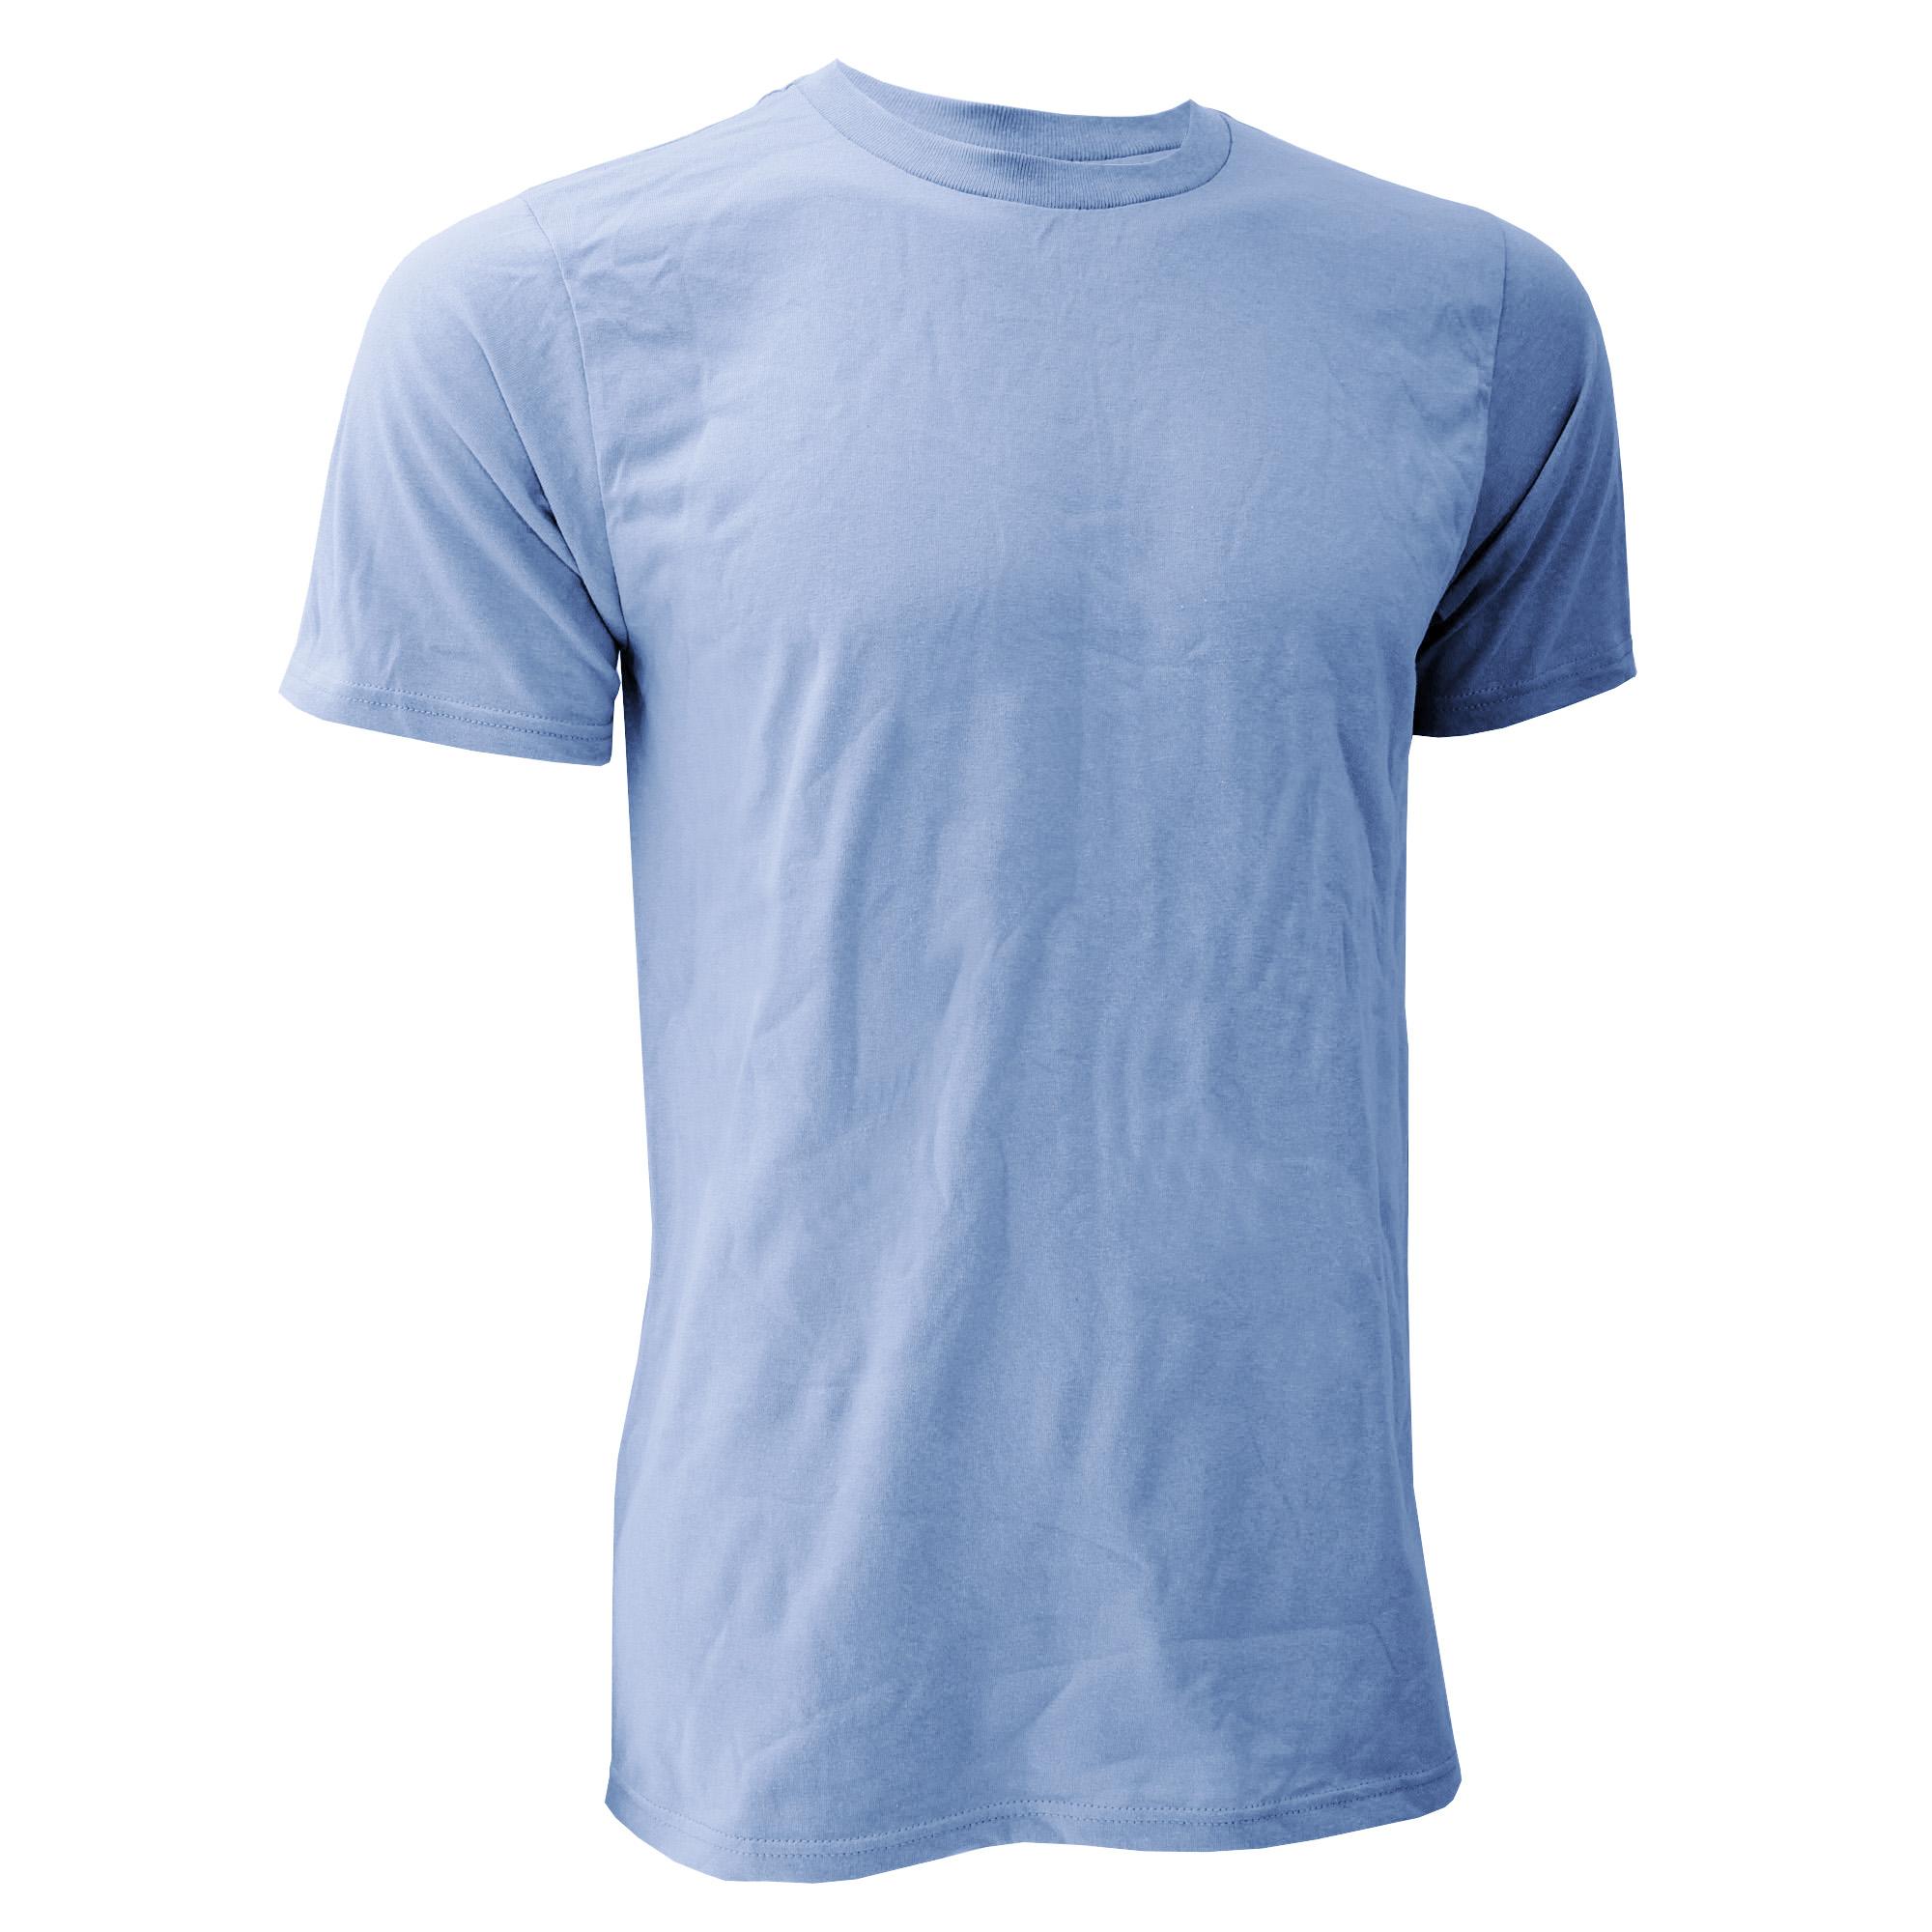 3 Jenis Tshirts Organik Dan Apa yang Harus Dipilih